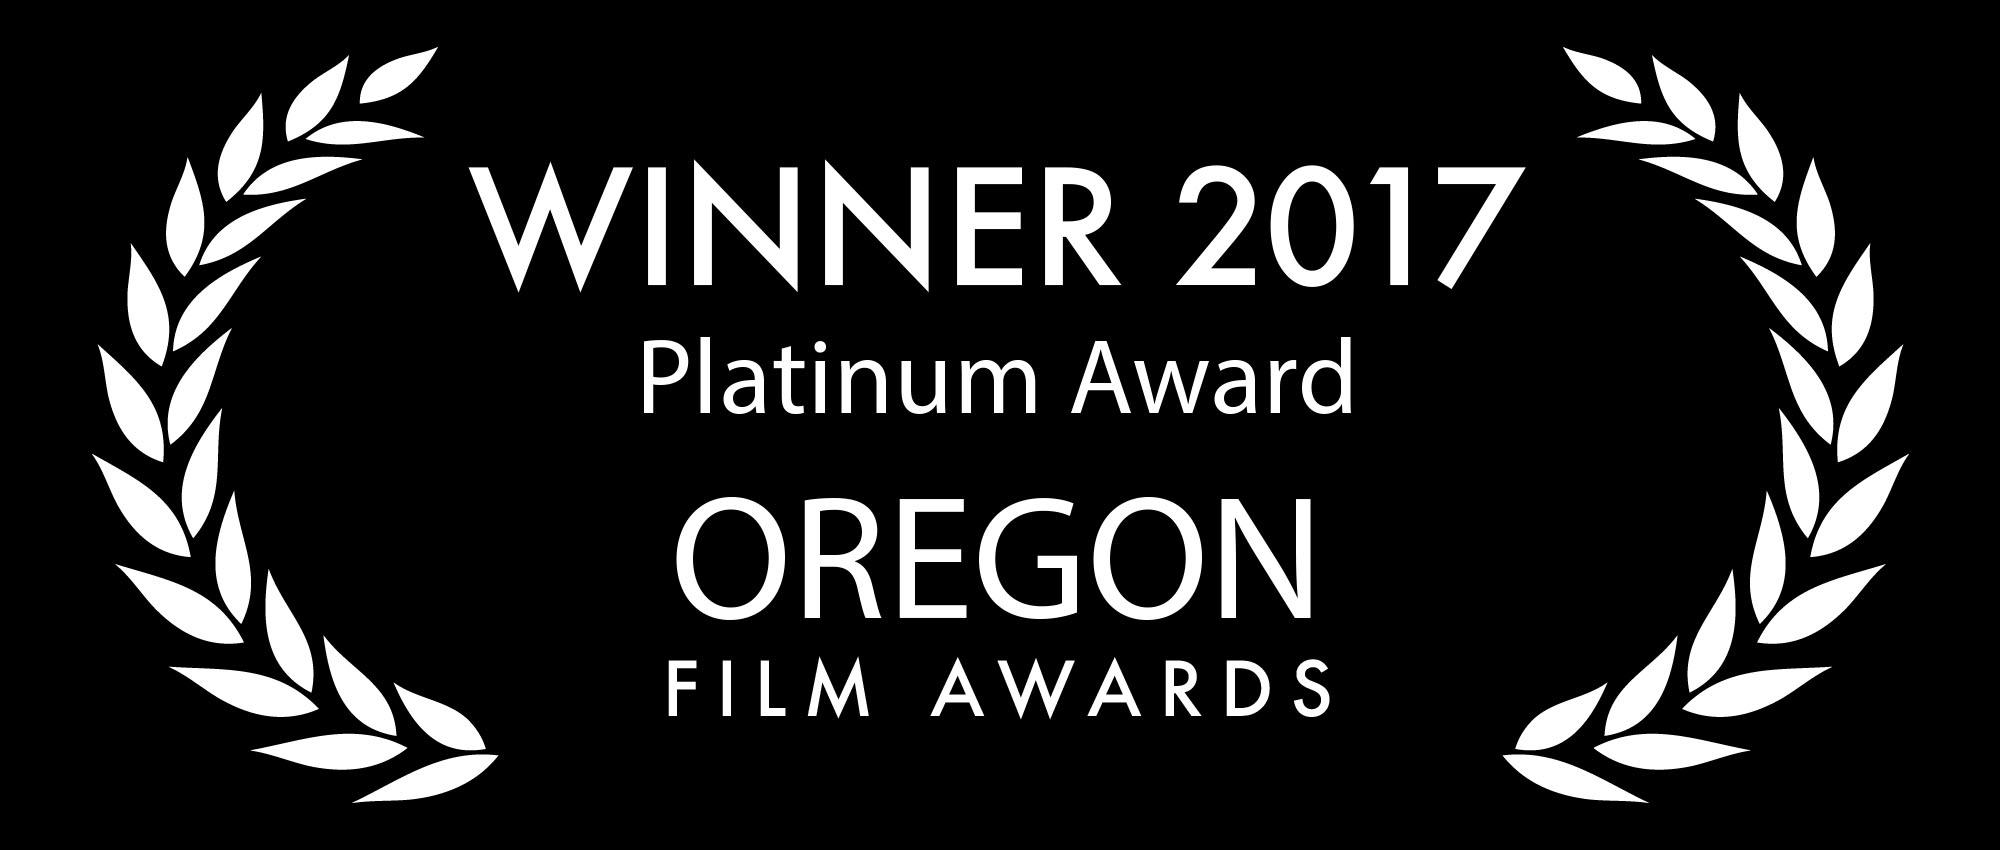 Plat_Award.jpg